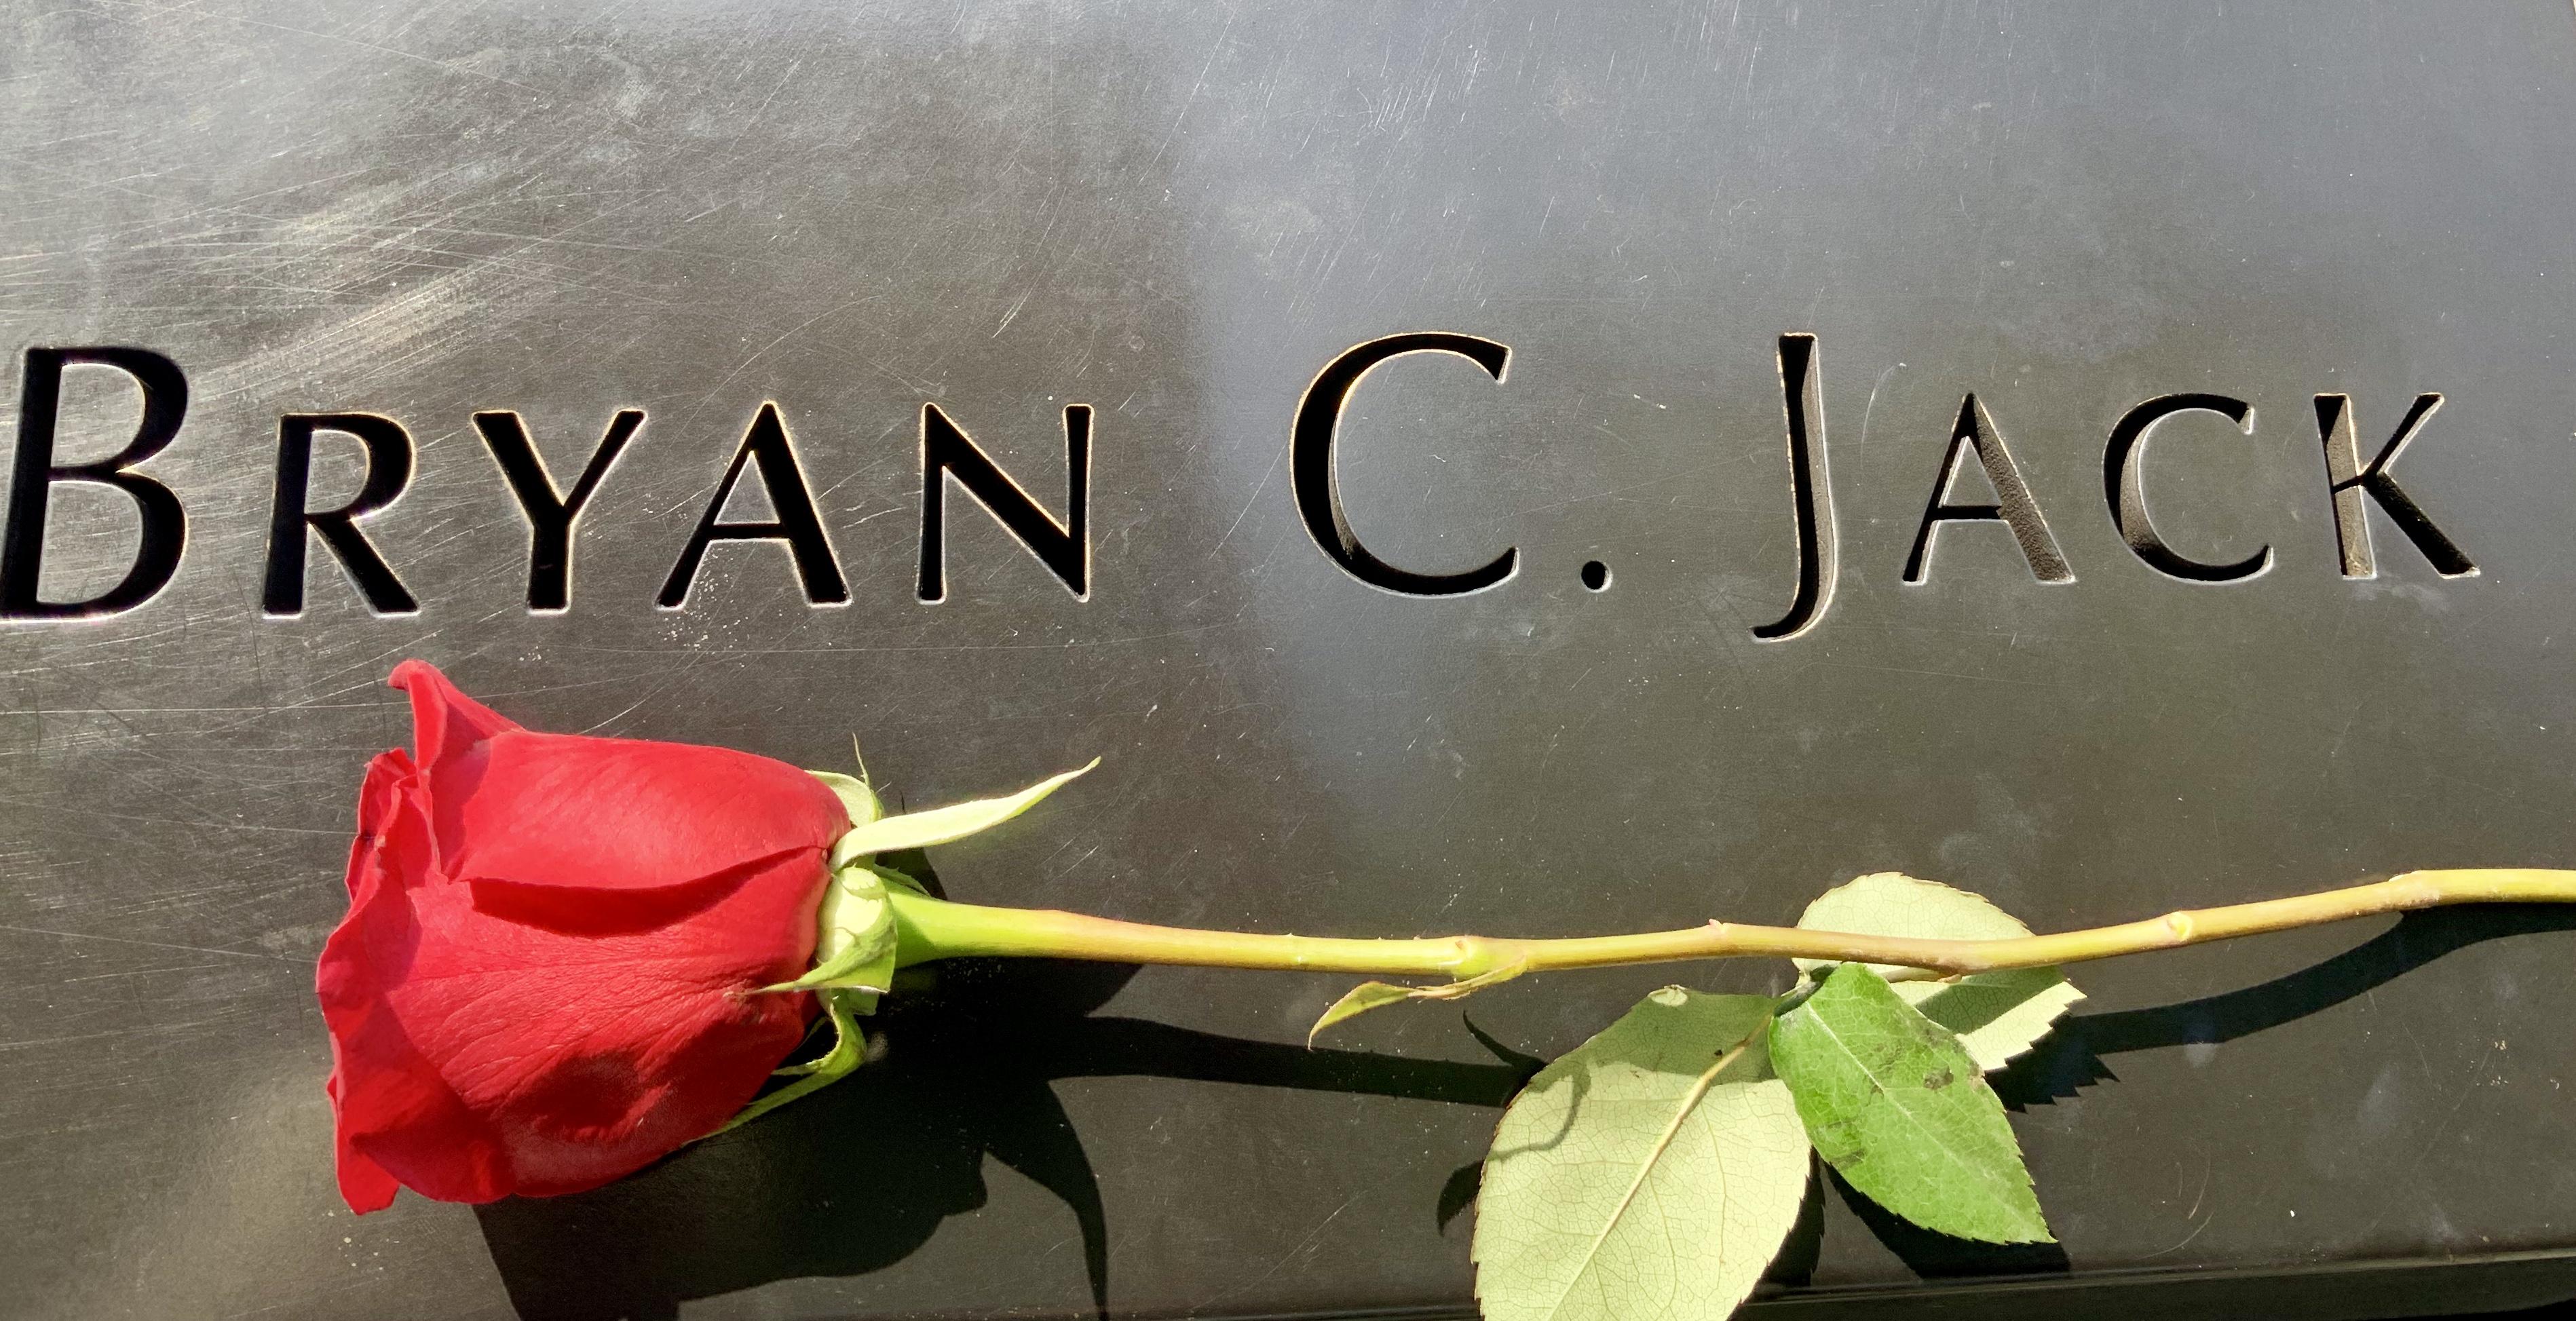 January 3, 1953 - September 11, 2001 (9:37AM)